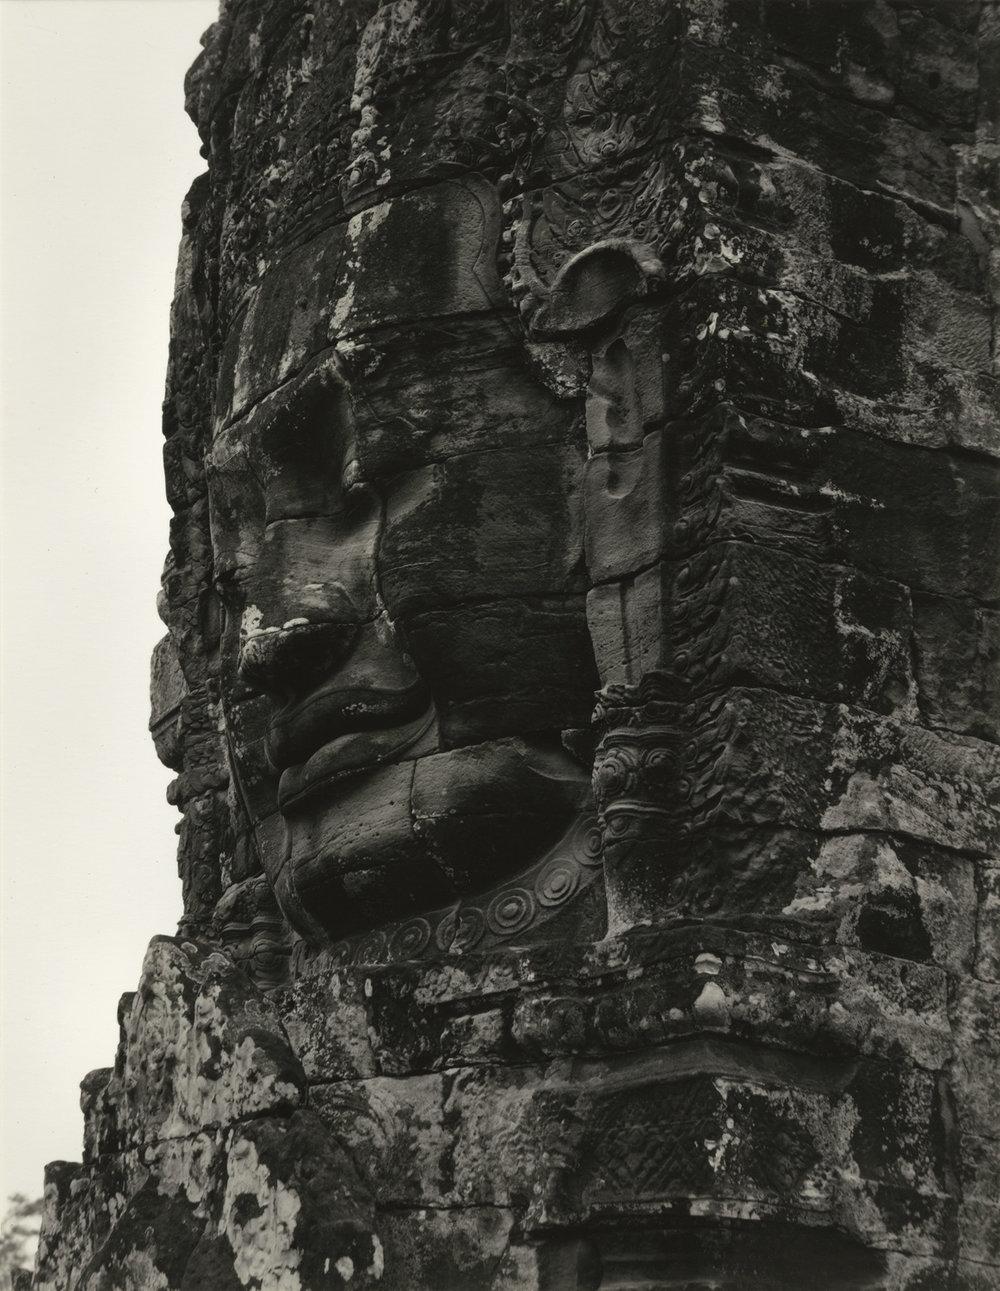 Elvira_Piedra_Meditation_Bayon_Angkor.jpg